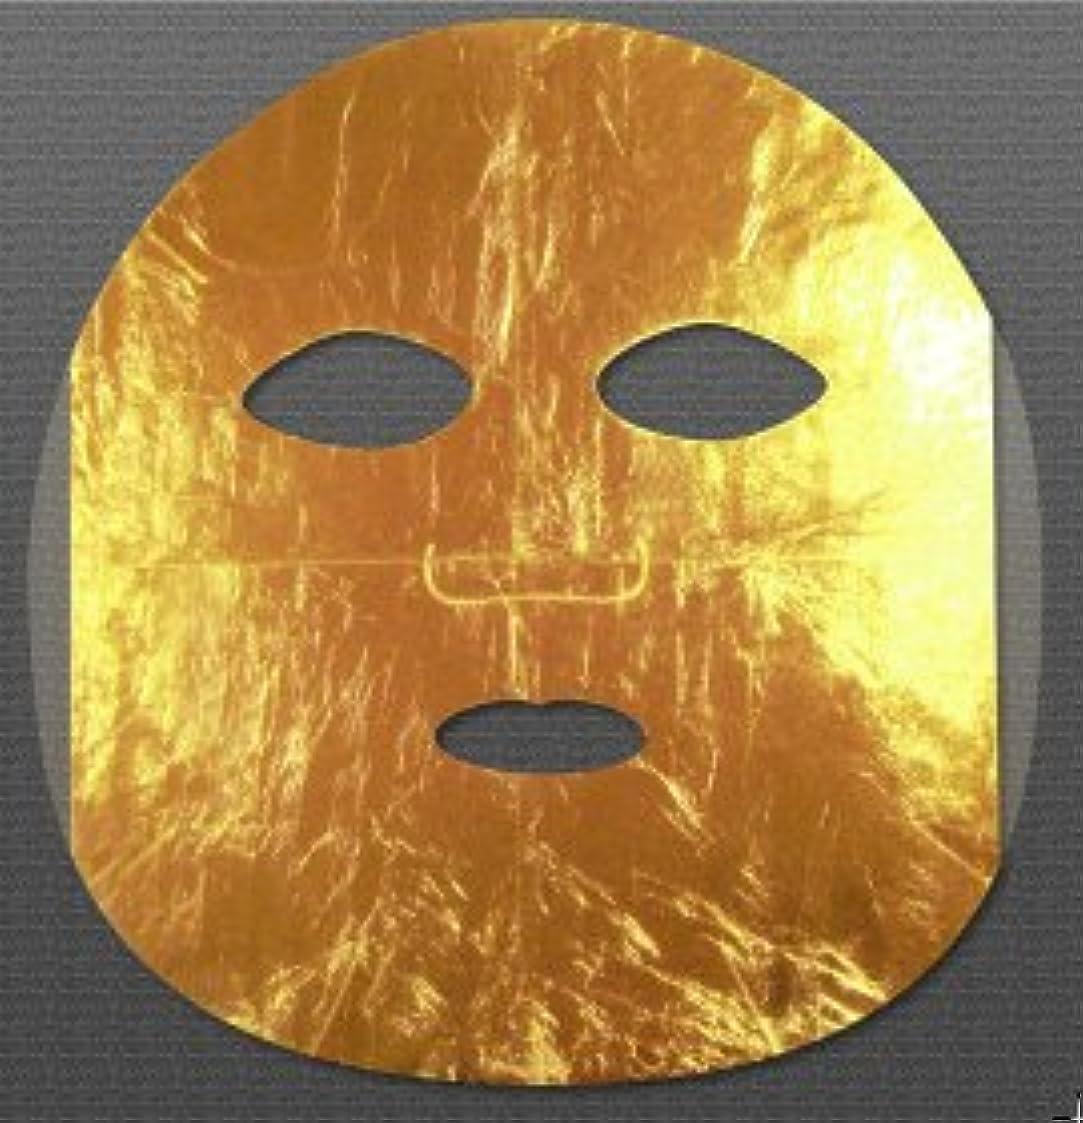 チャールズキージング信頼性ぬいぐるみ【金箔 マスク】黄金の美顔パック ネフェルティ【日本製】